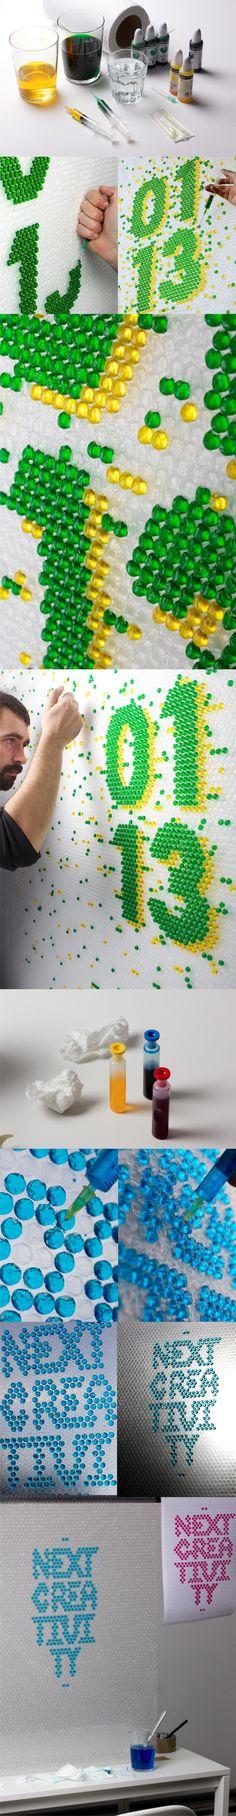 Reutilizar plástico de burbujas / Via www.losiento.net